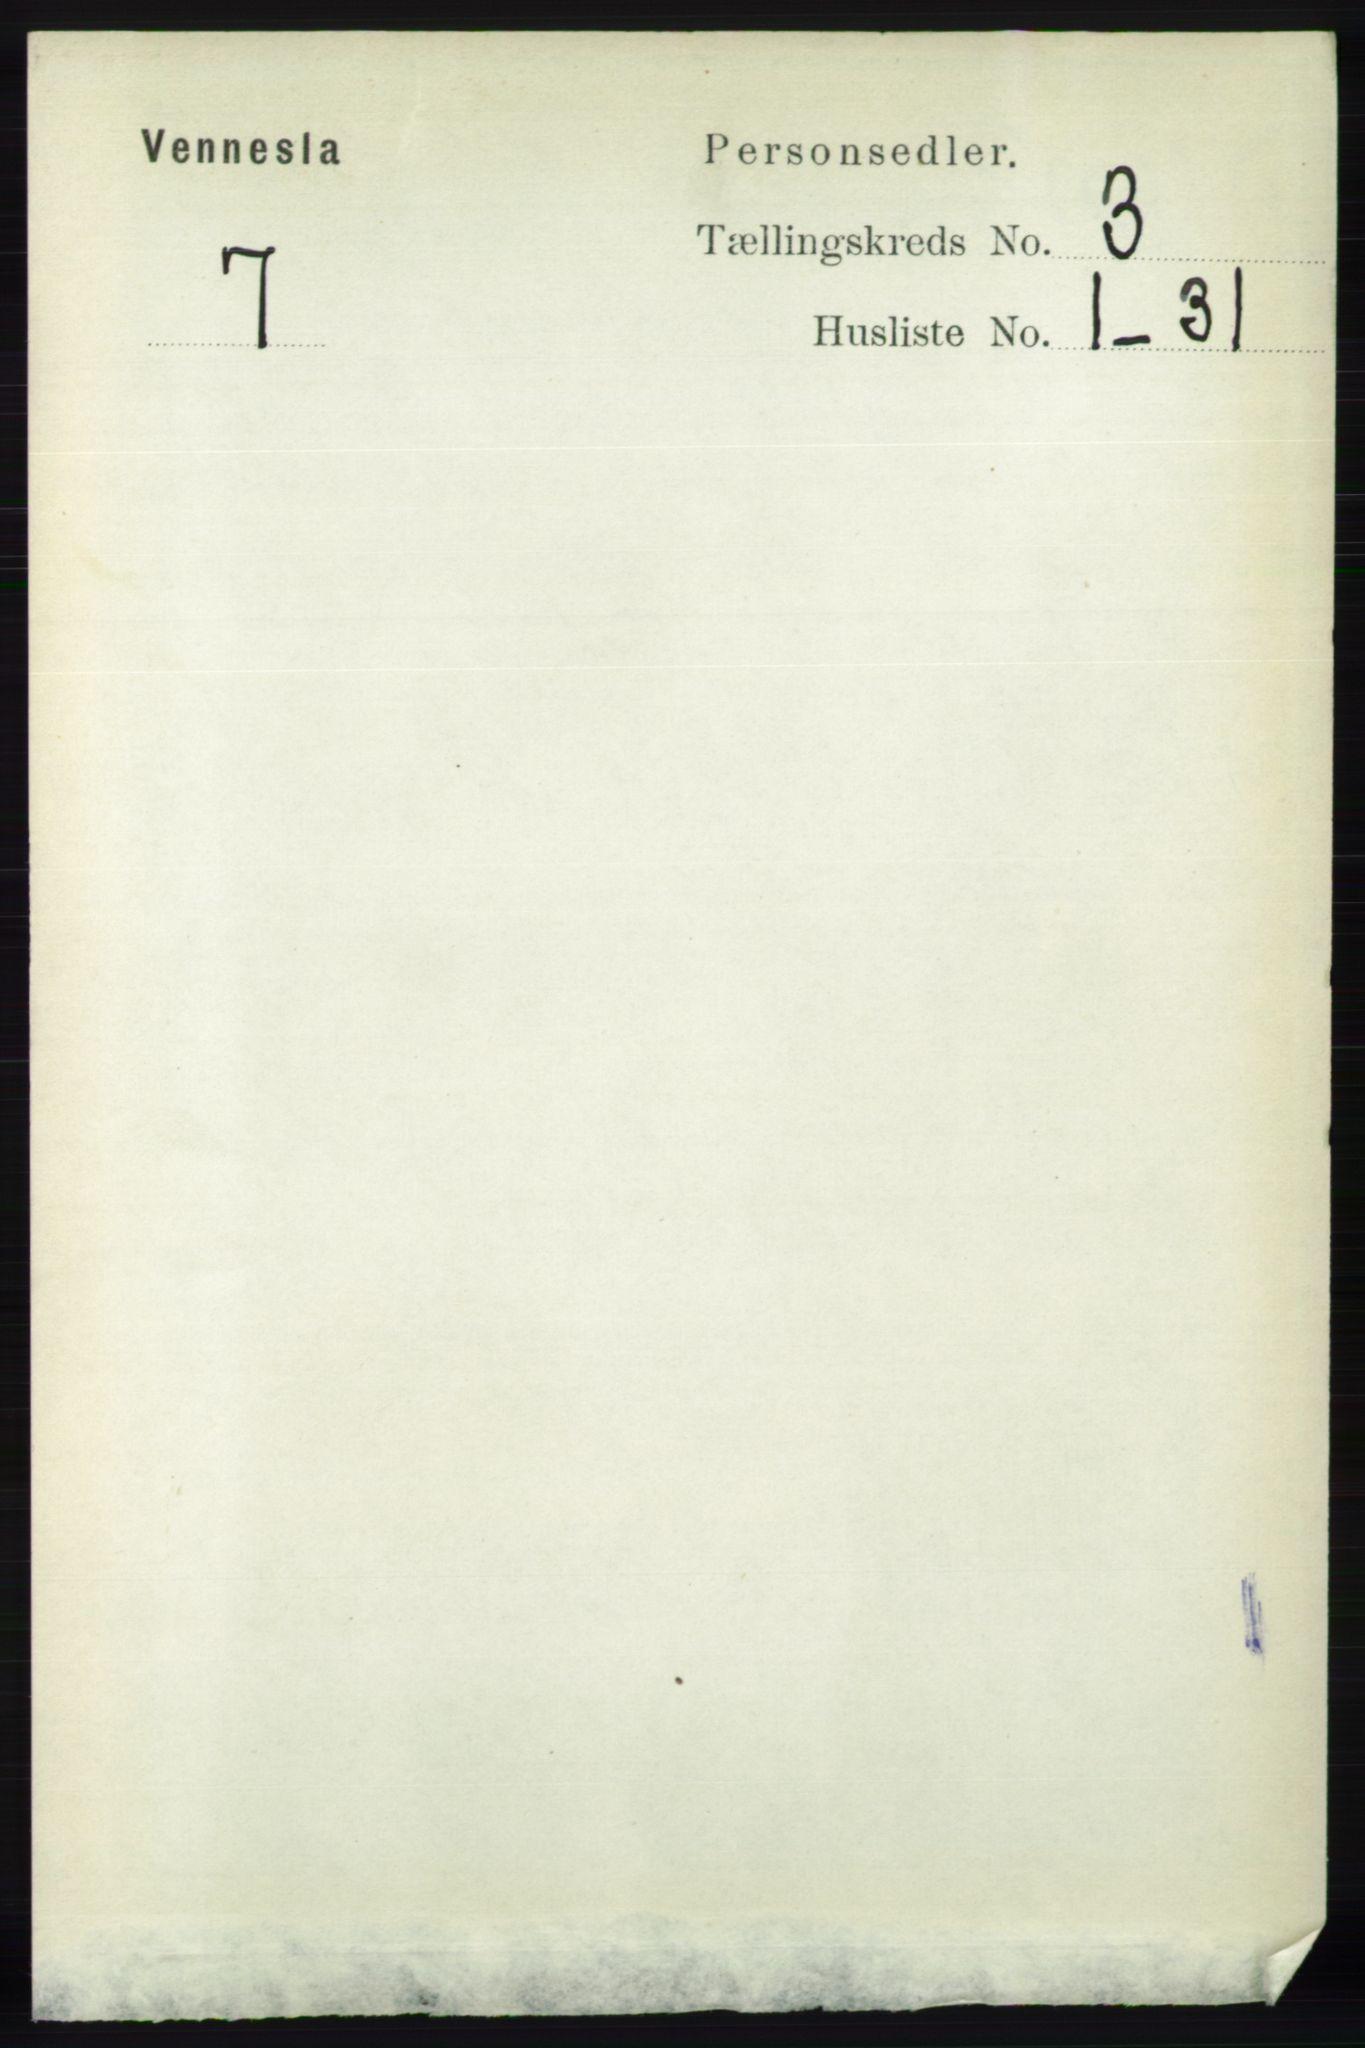 RA, Folketelling 1891 for 1014 Vennesla herred, 1891, s. 641